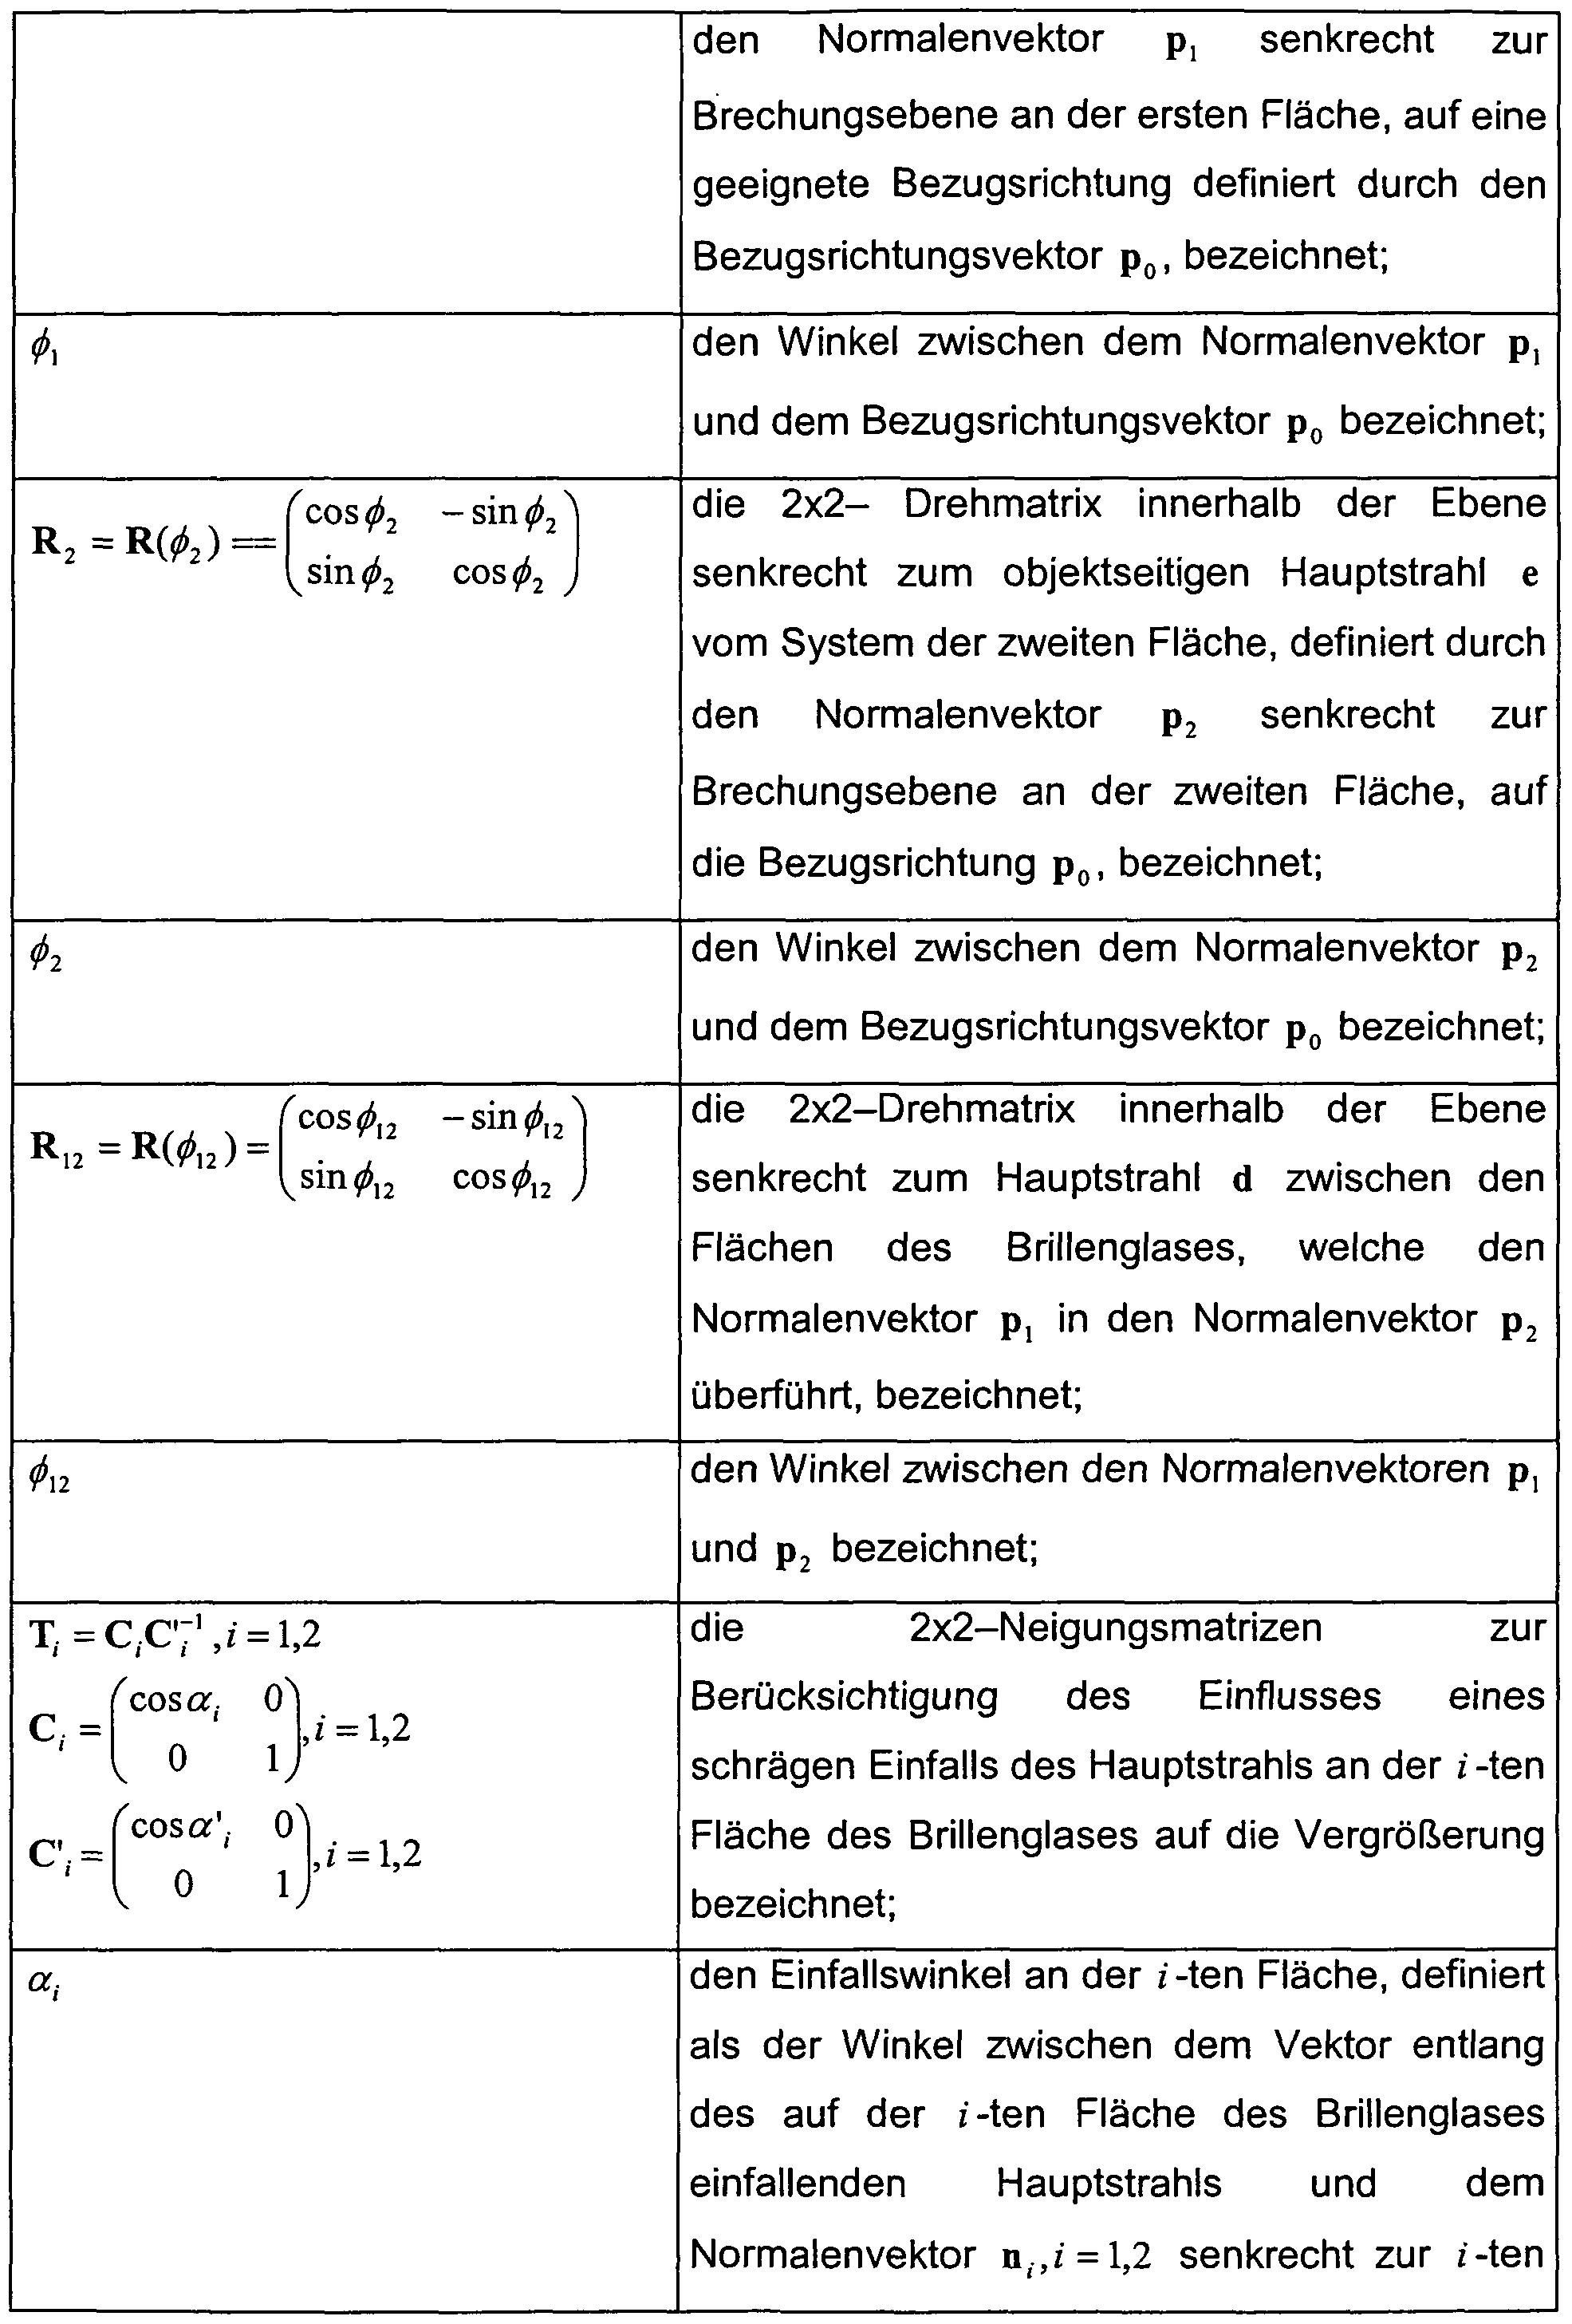 Drehmatrix Berechnen : patent wo2007062784a1 verfahren zum berechnen der vergr sserung und oder verzerrung und ~ Themetempest.com Abrechnung